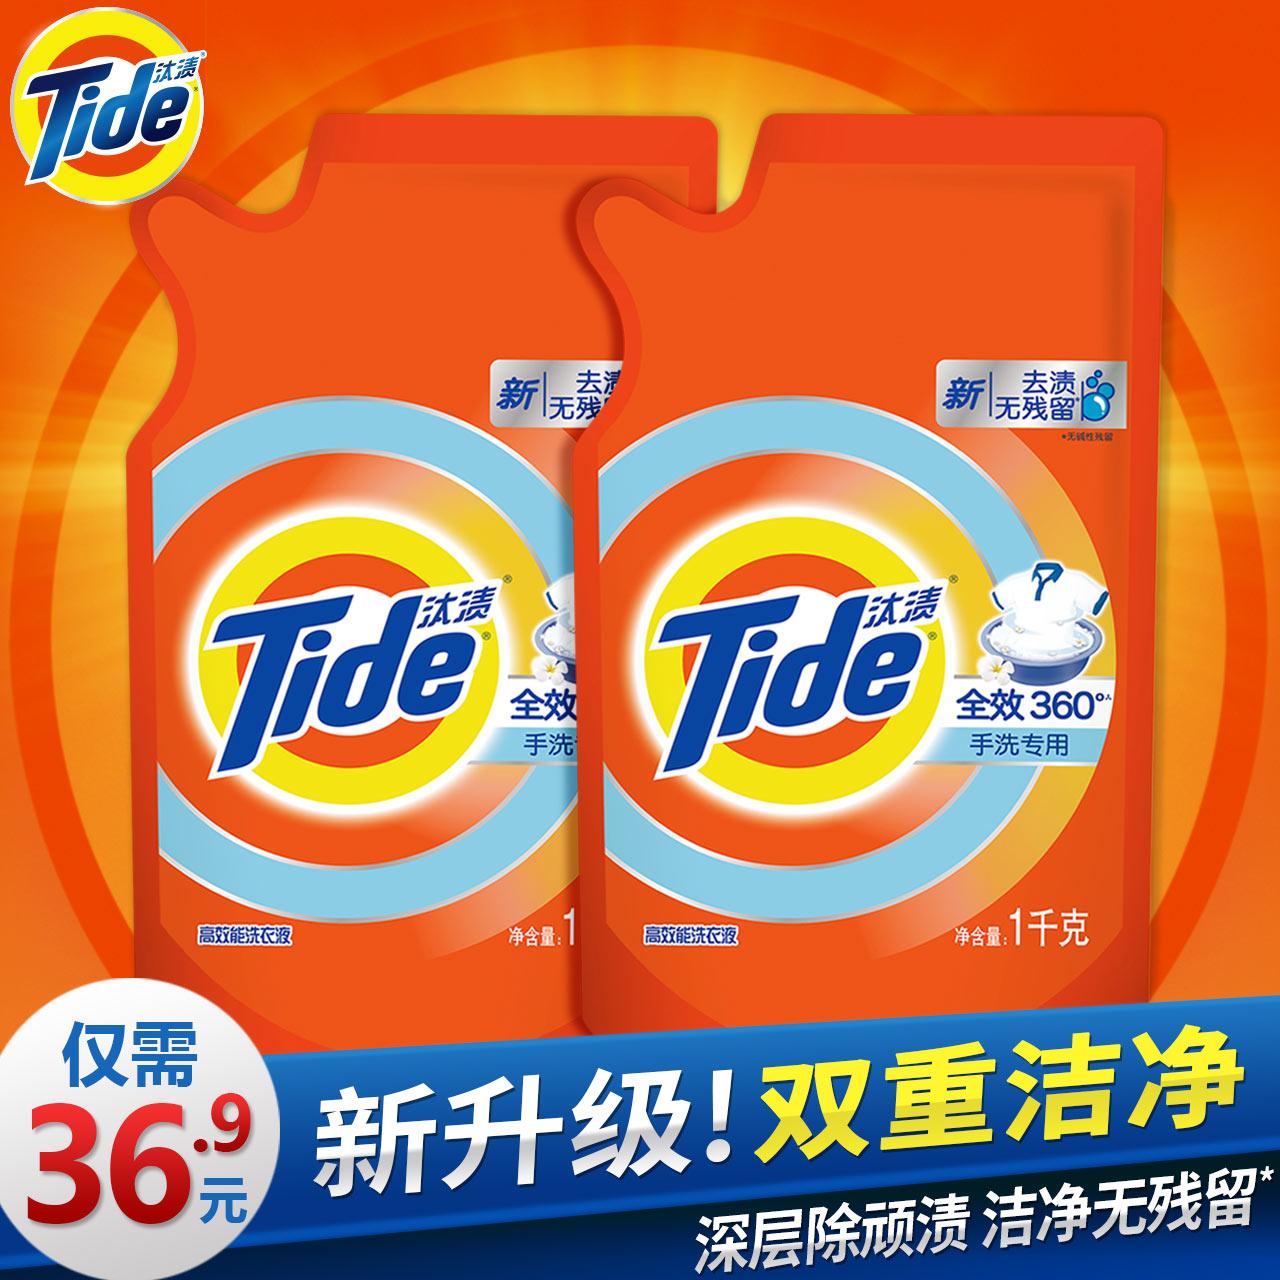 满39.80元可用2.9元优惠券宝洁手洗1kg袋装*2家庭洗衣液